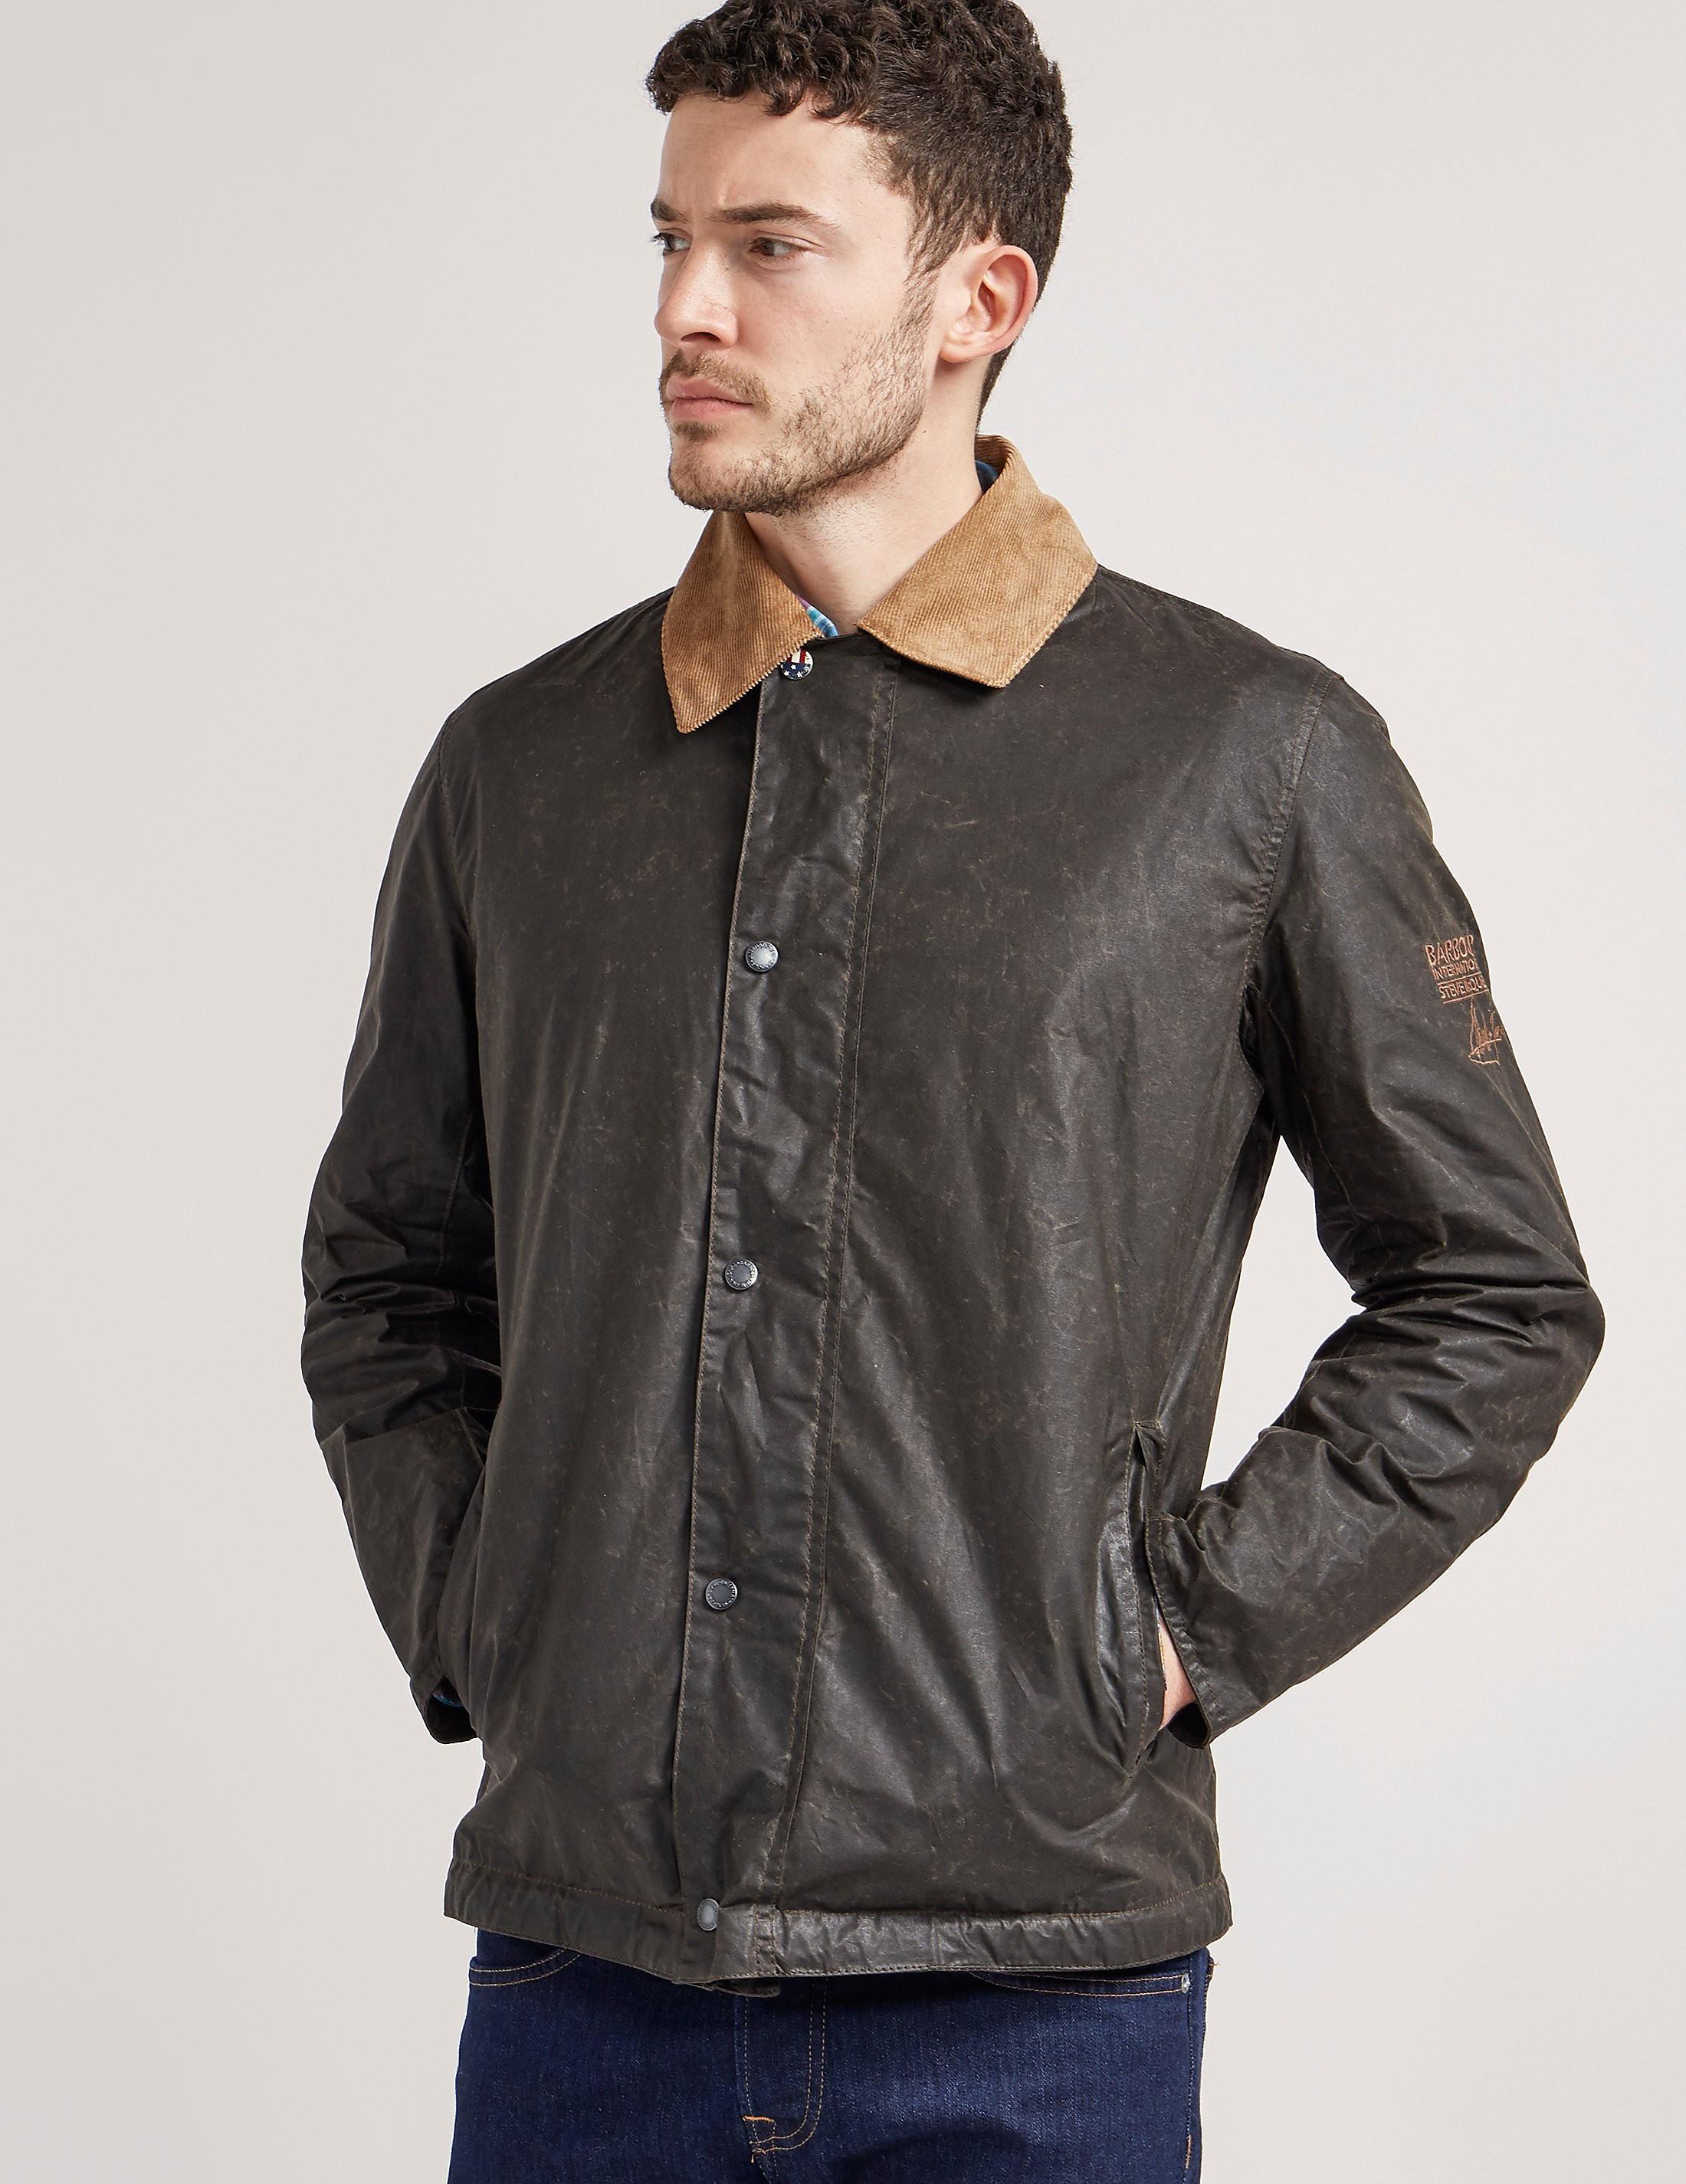 Barbour International Steve McQueen Tread Wax Jacket